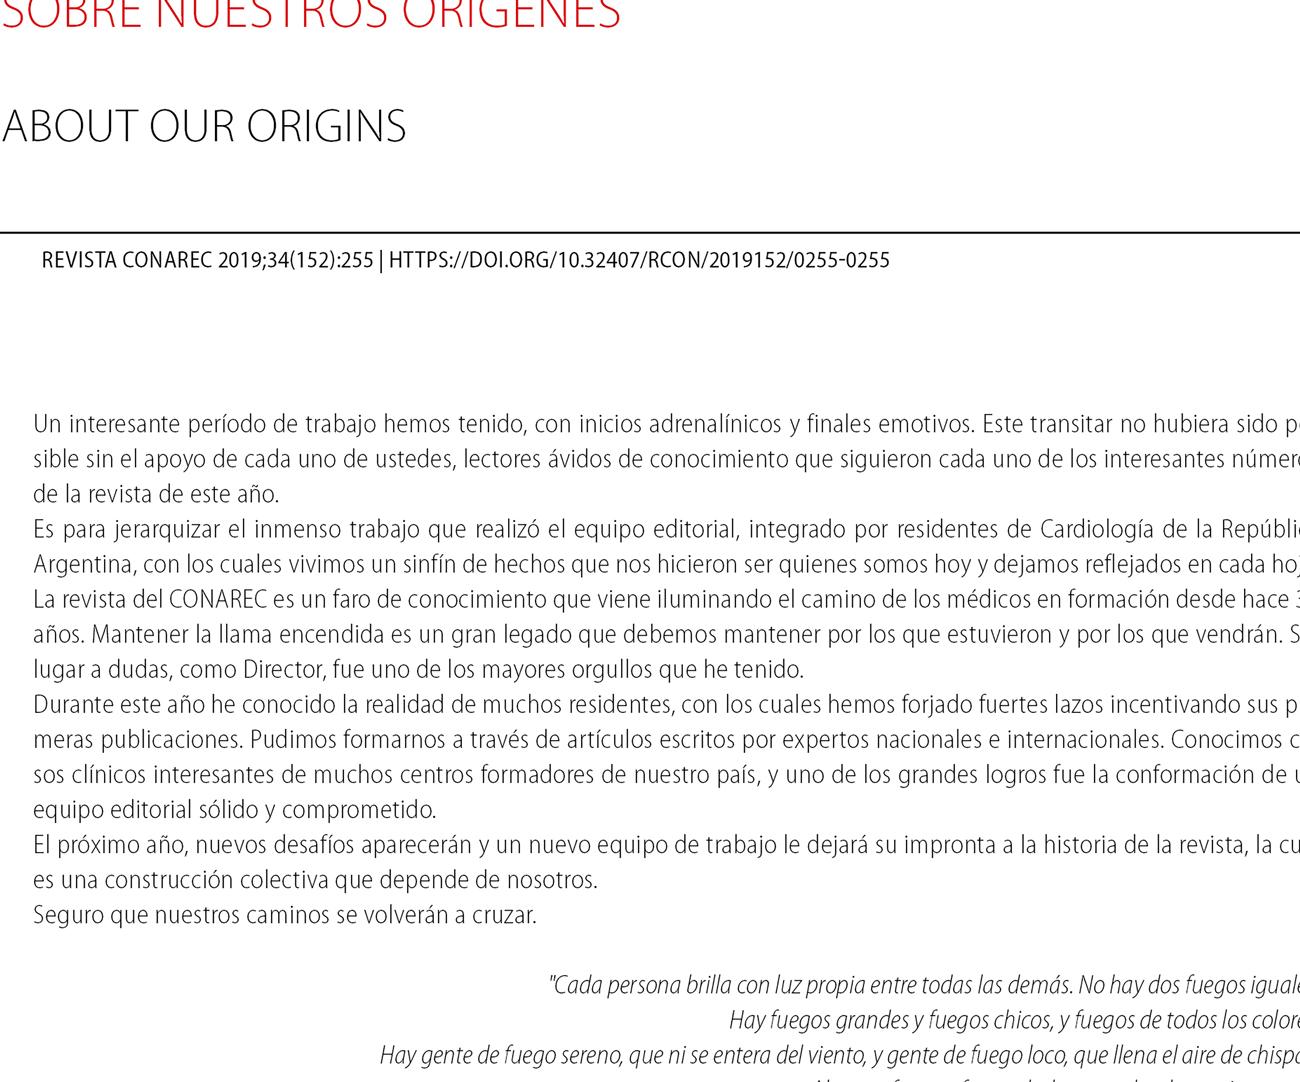 Sobre nuestros orígenes